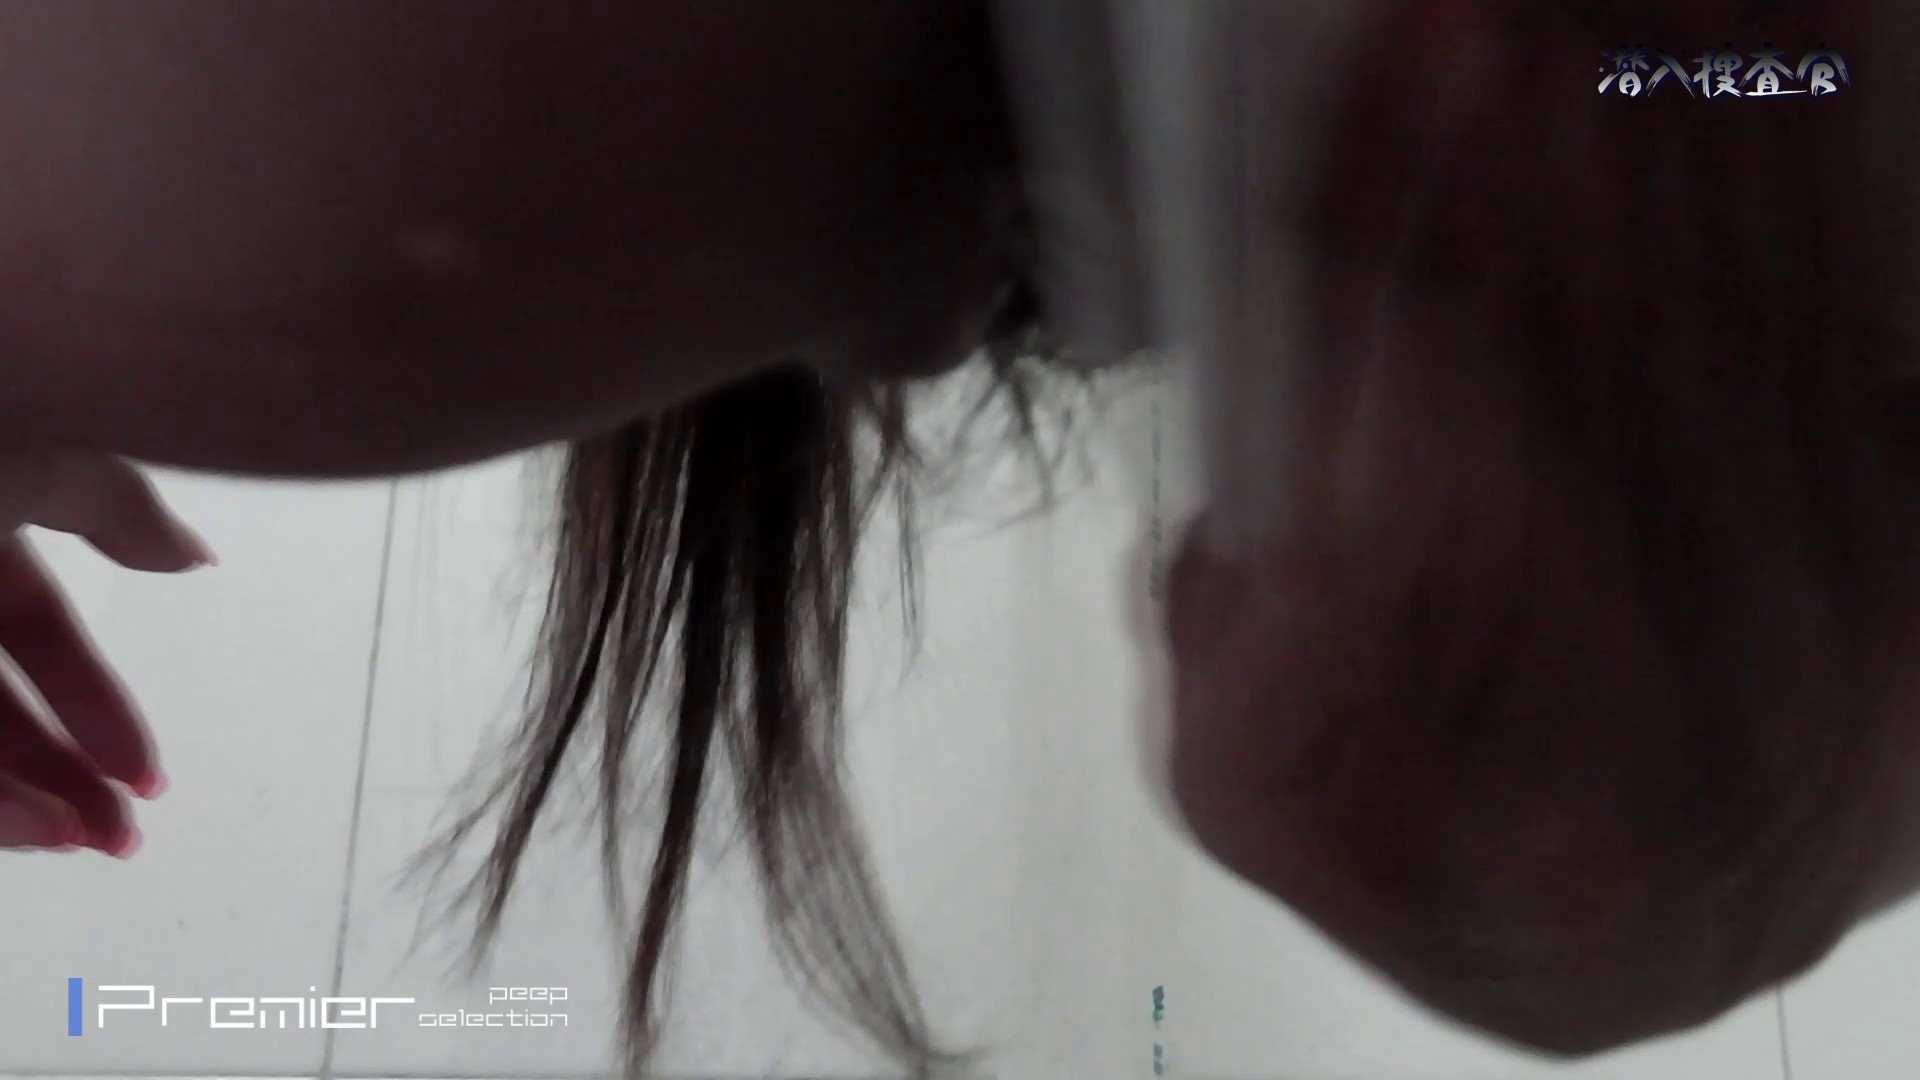 下からノゾム vol.041 携帯に夢中、後ろに居るカメラはやりたい放題! トイレ盗撮 おまんこ動画流出 77枚 77